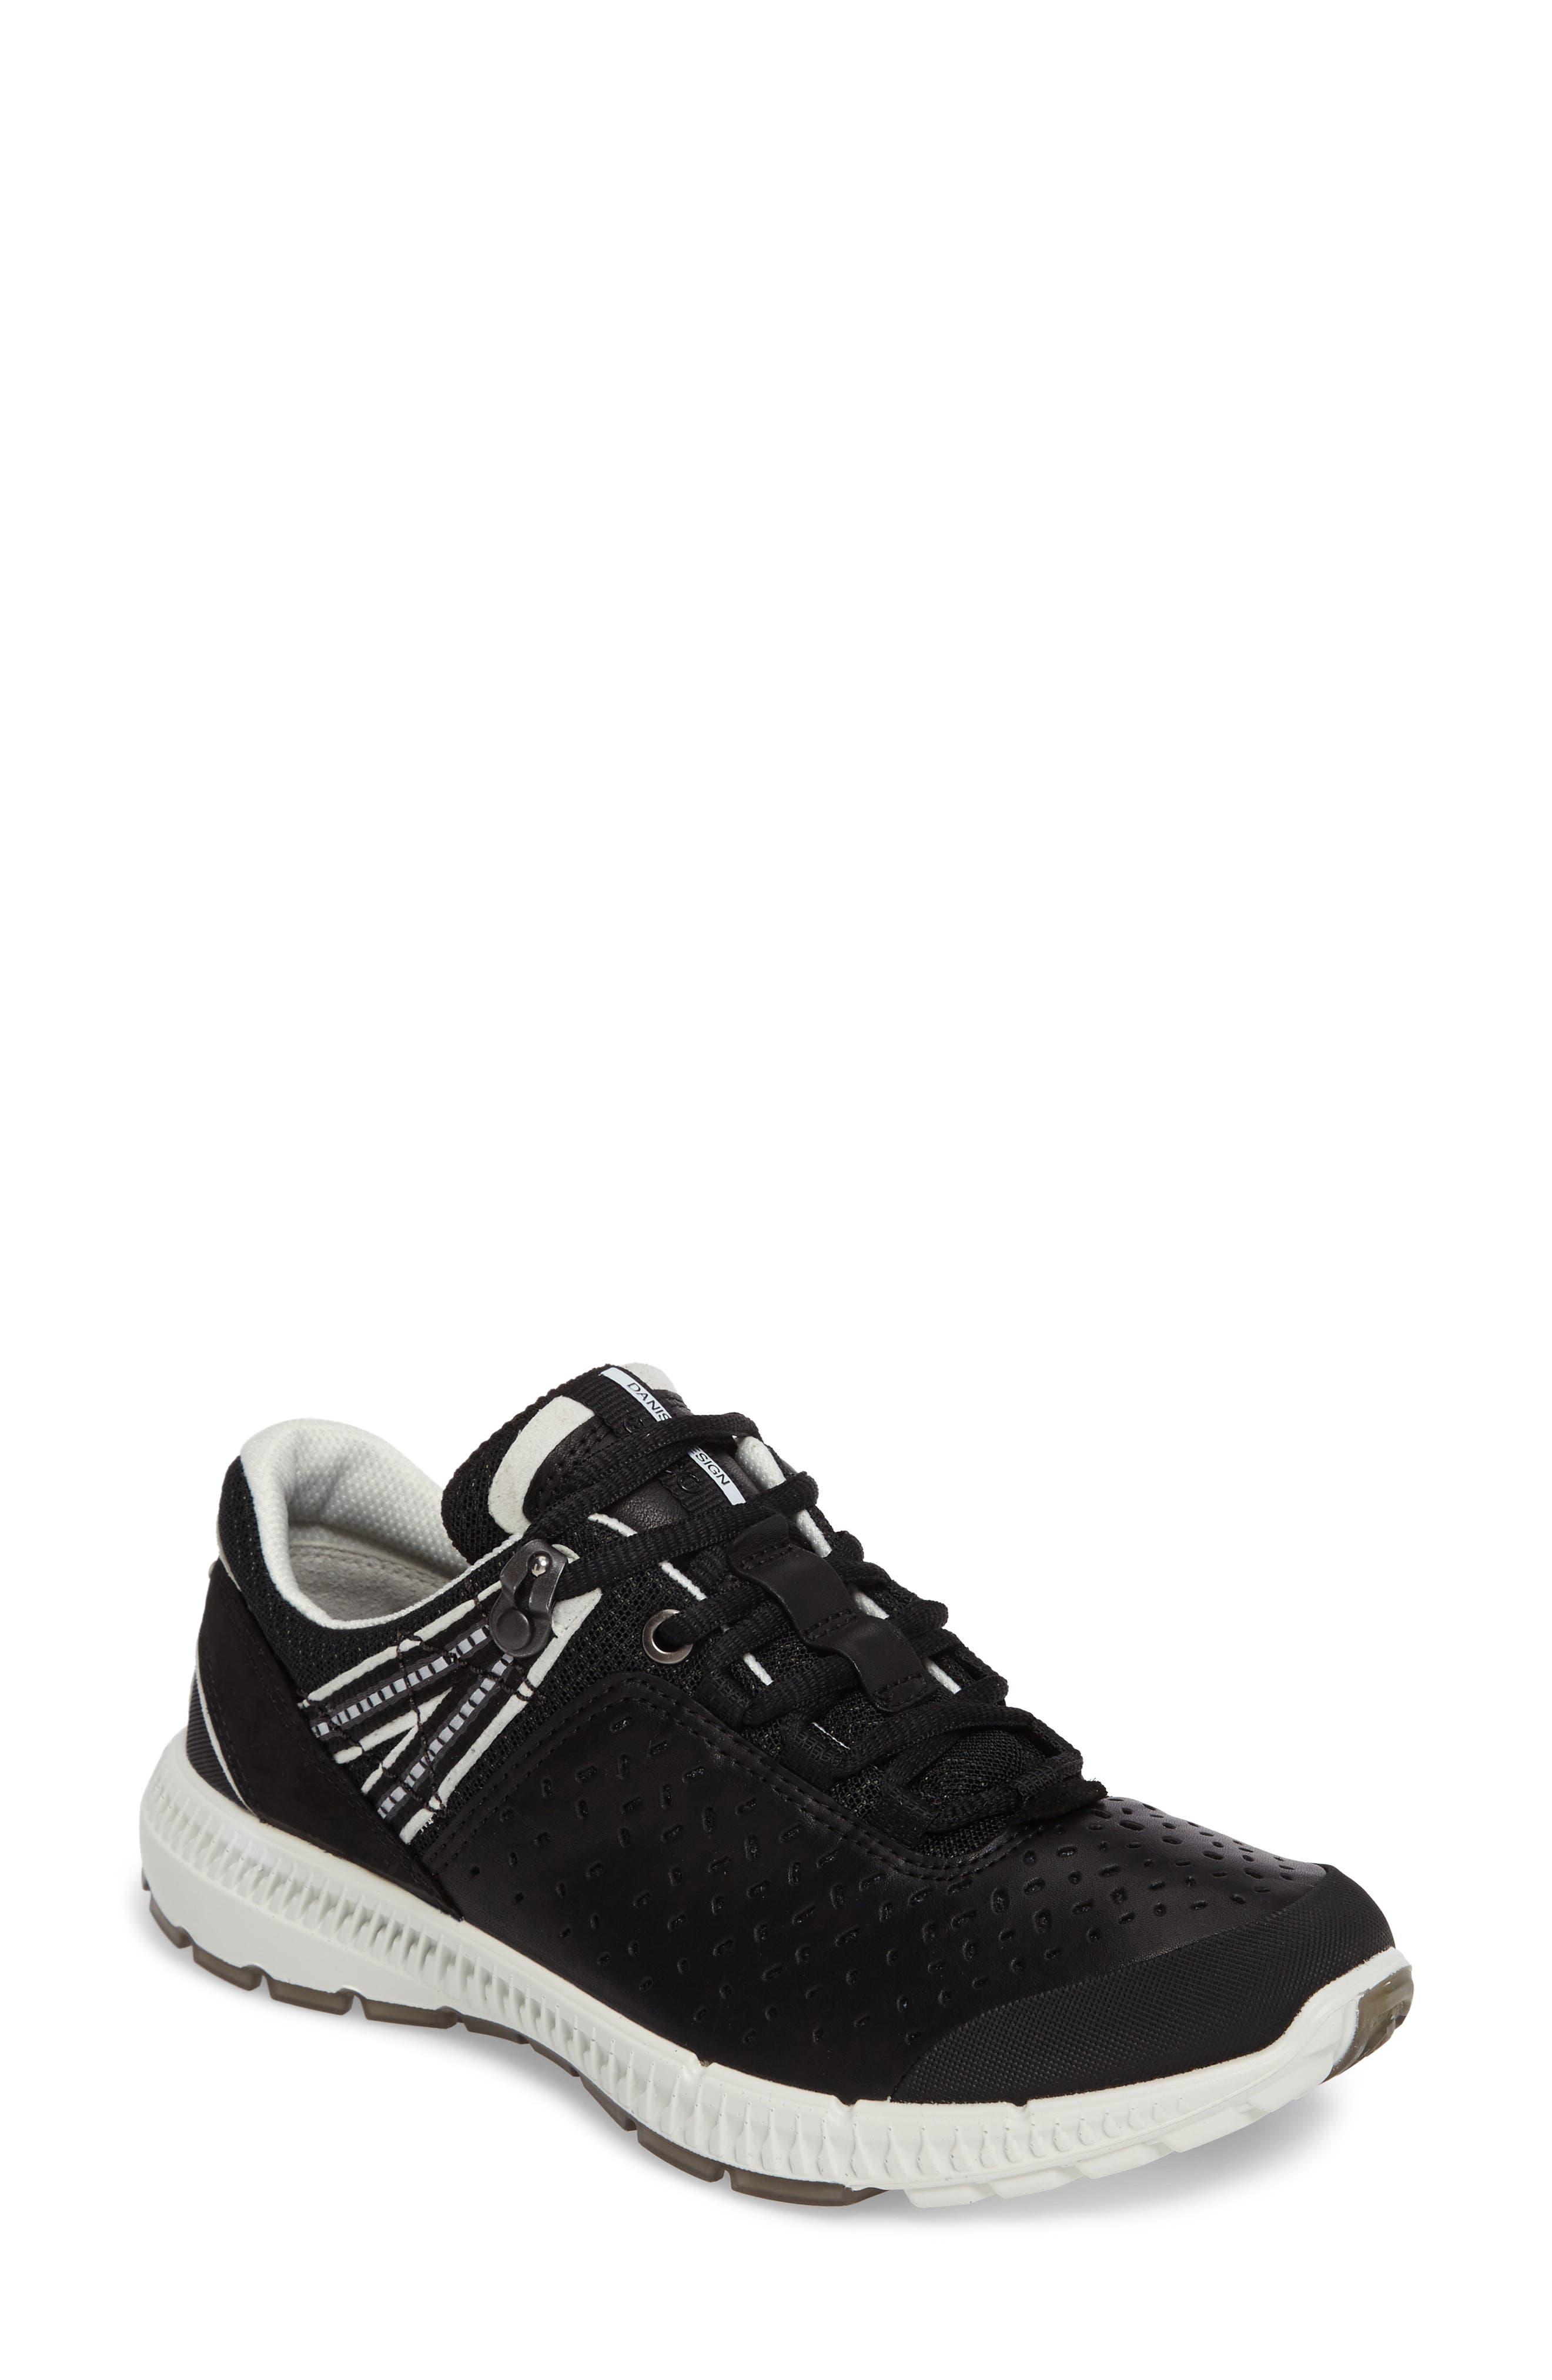 ECCO Intrinsic TR Walk Sneaker (Women)